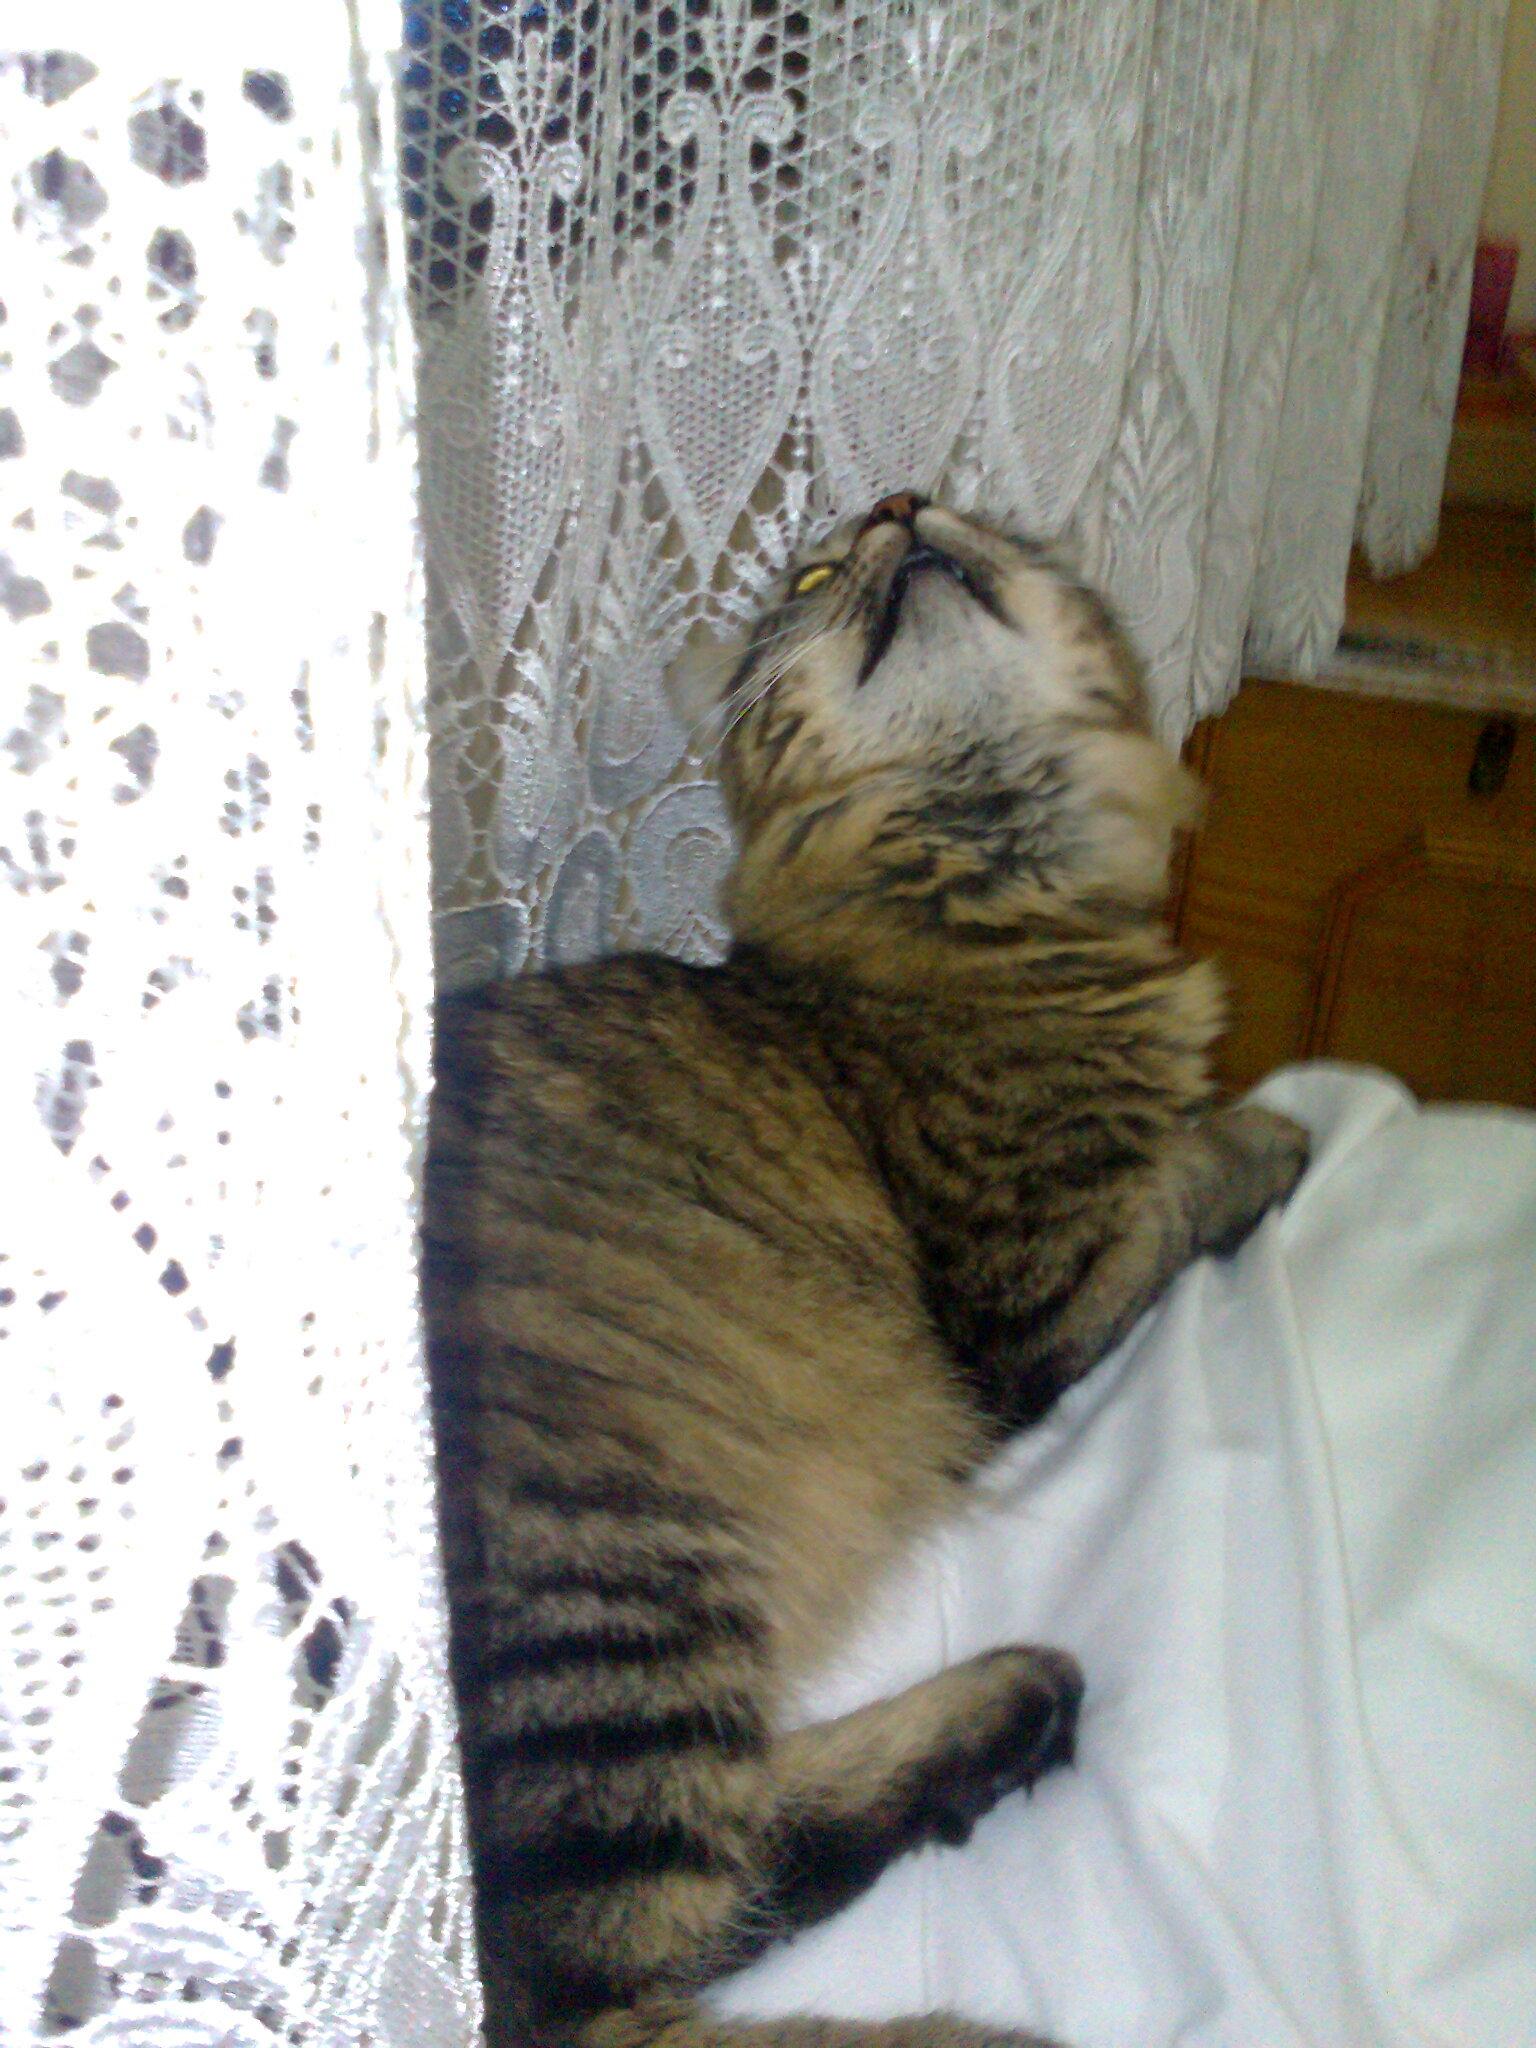 6RJRZ0 - Kedimi hayvansever birine vermek istiyorum